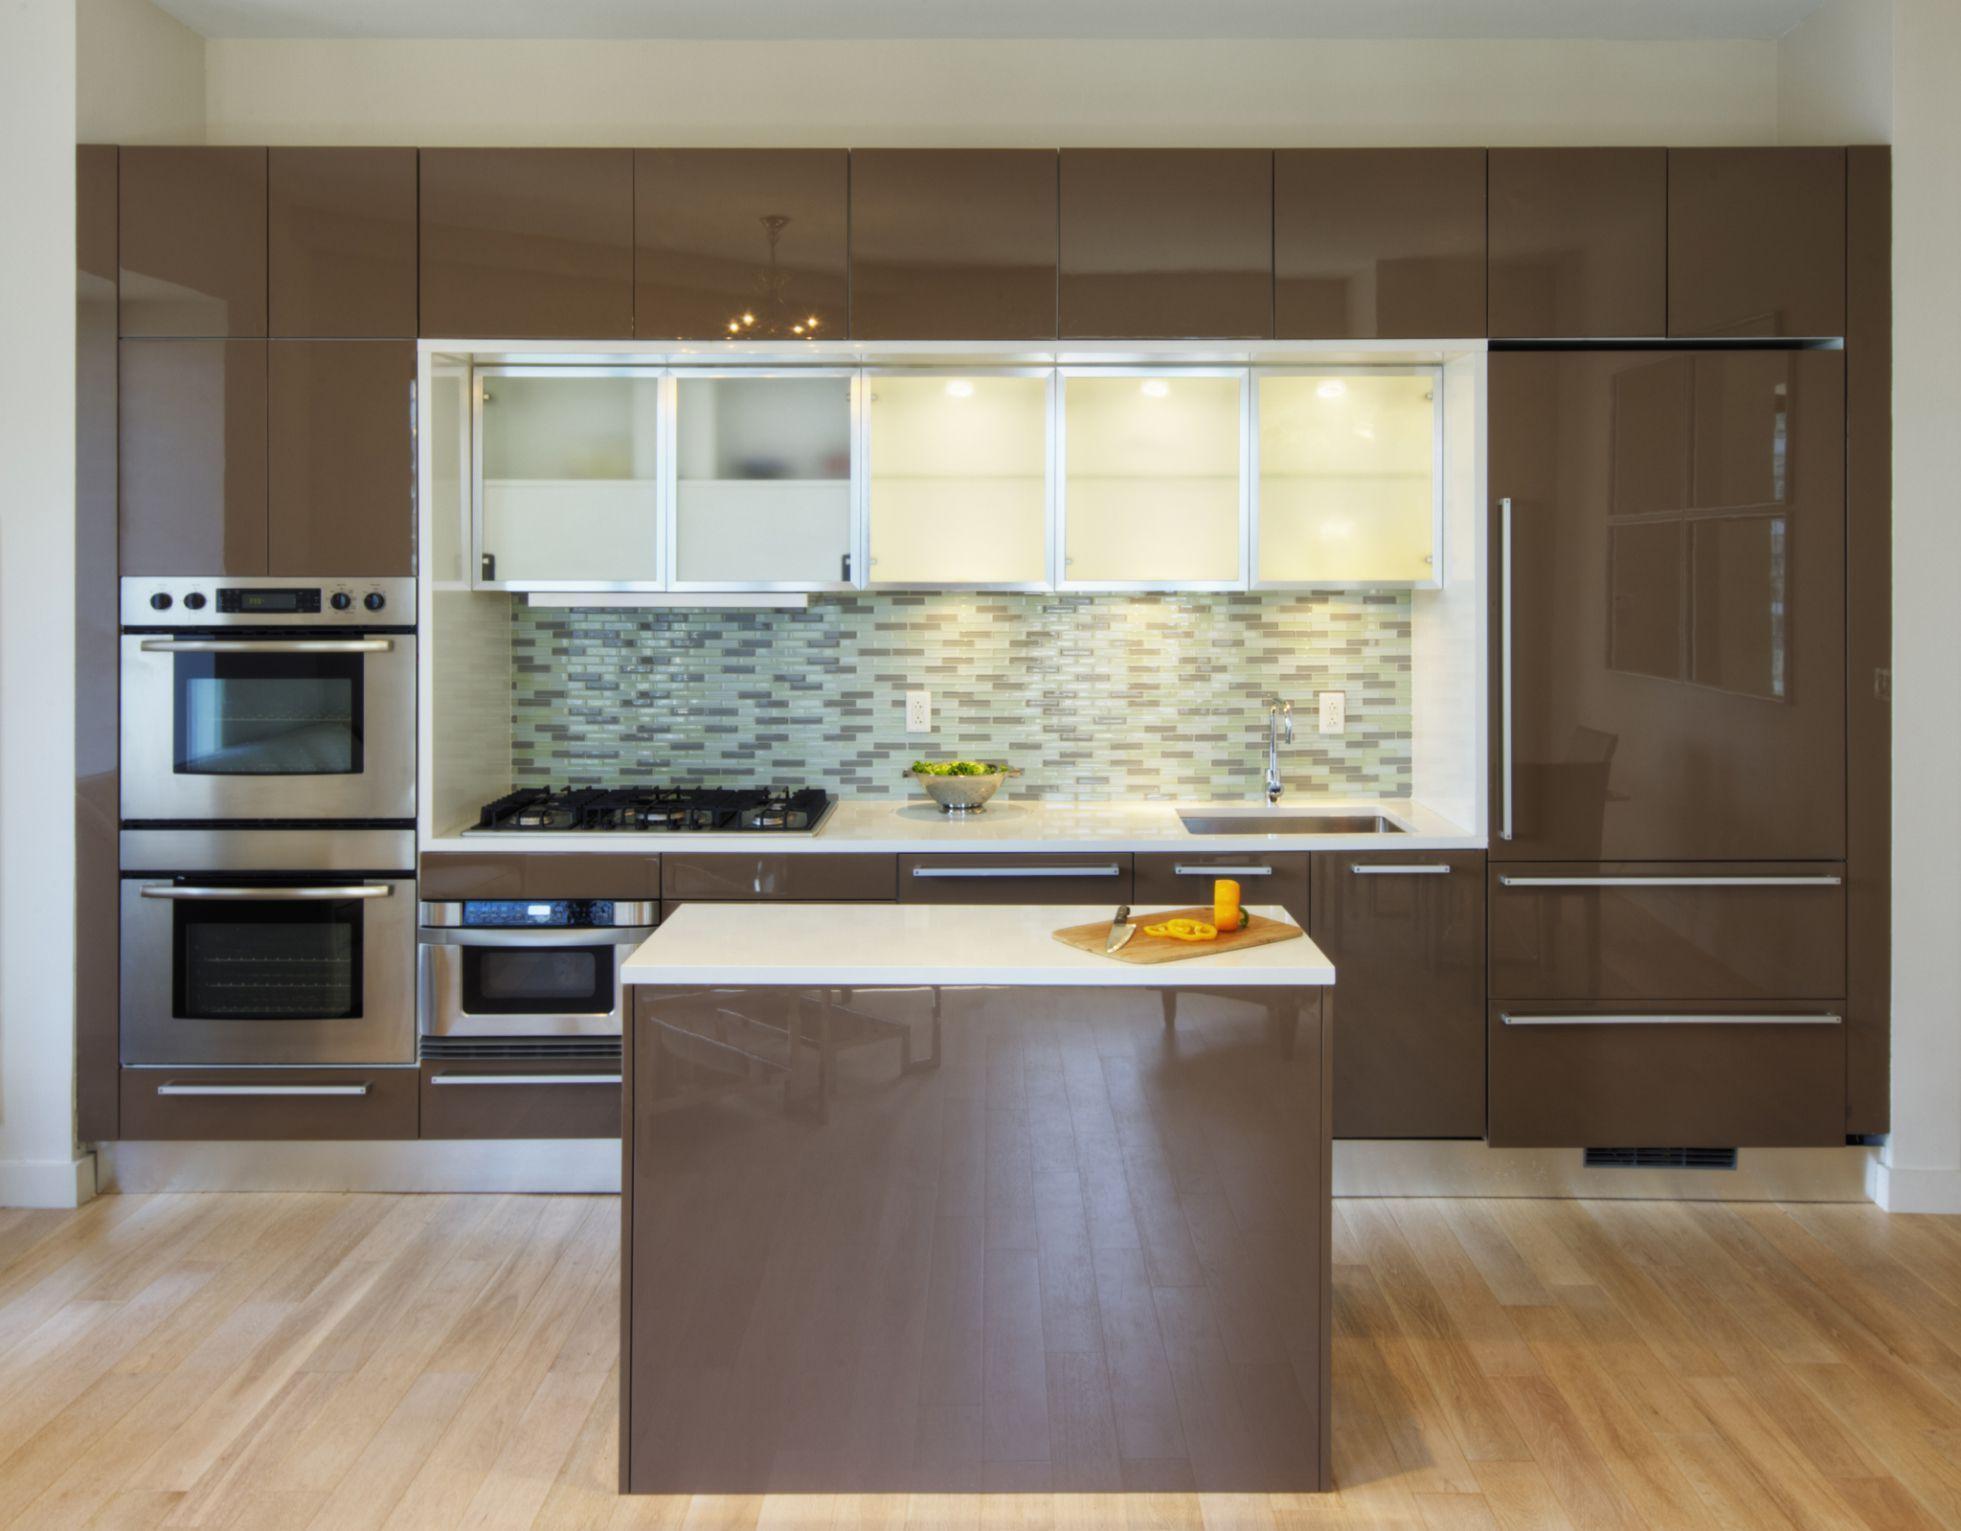 4 Moglichkeiten Offene Laibungen Im Kuchenschrank Zu Reparieren In 2020 Mit Bildern Kuchenumbau Farbige Kuchenschranke Kuchenschrank Ikea